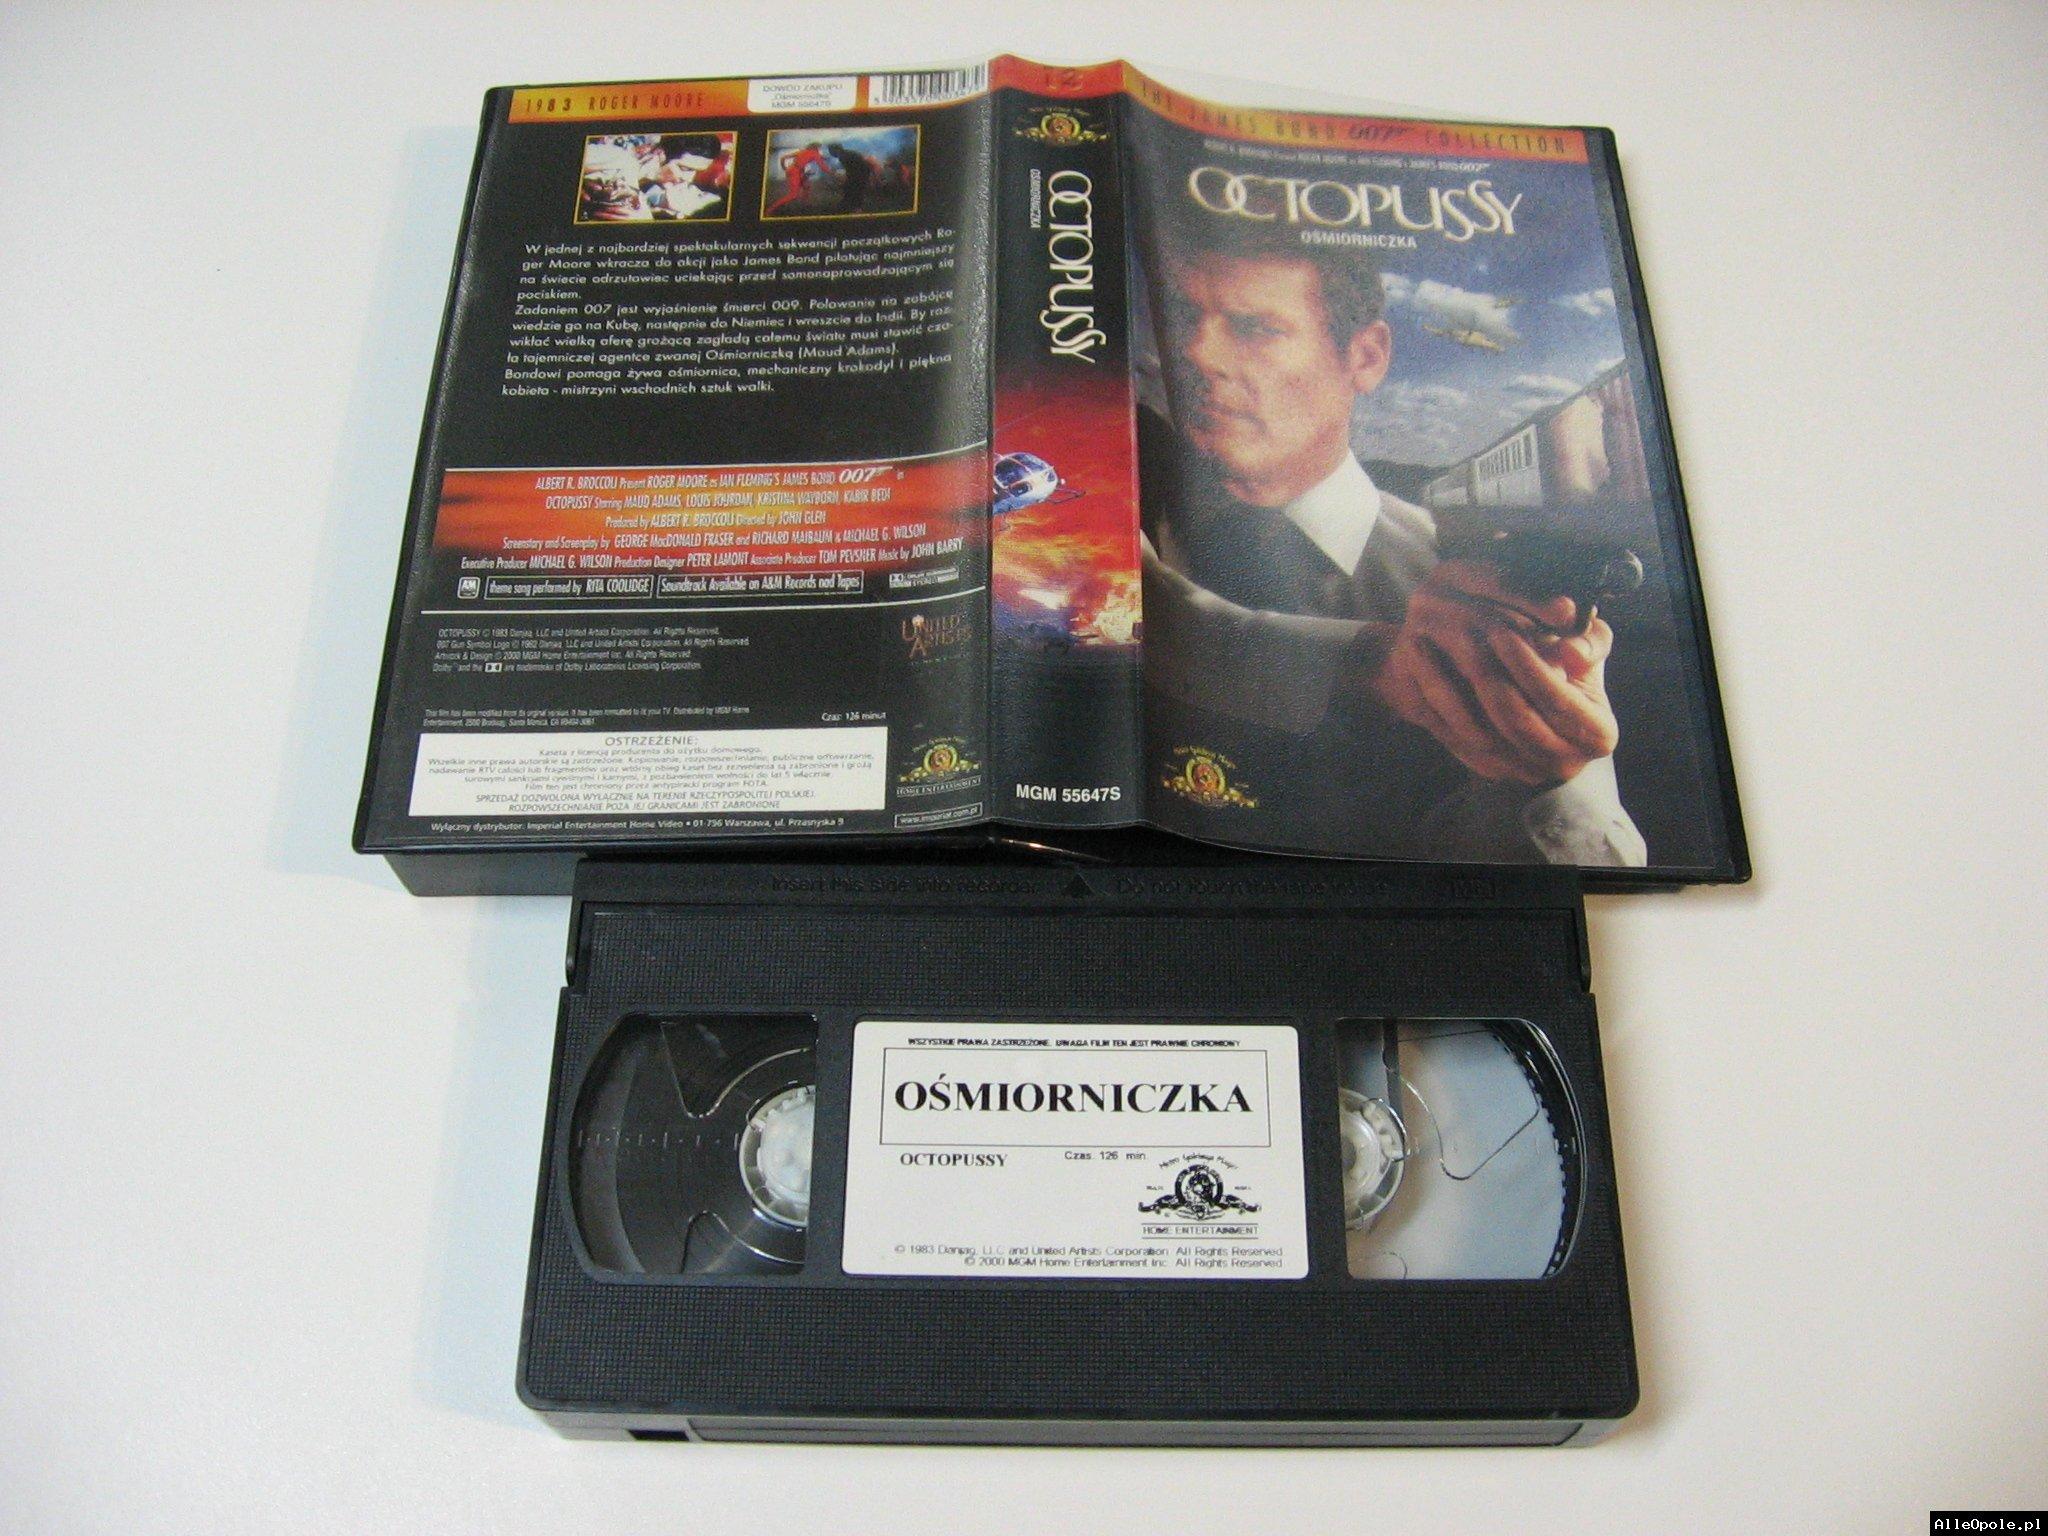 007 OŚMIORNICZKA - VHS Kaseta Video - Opole 1726